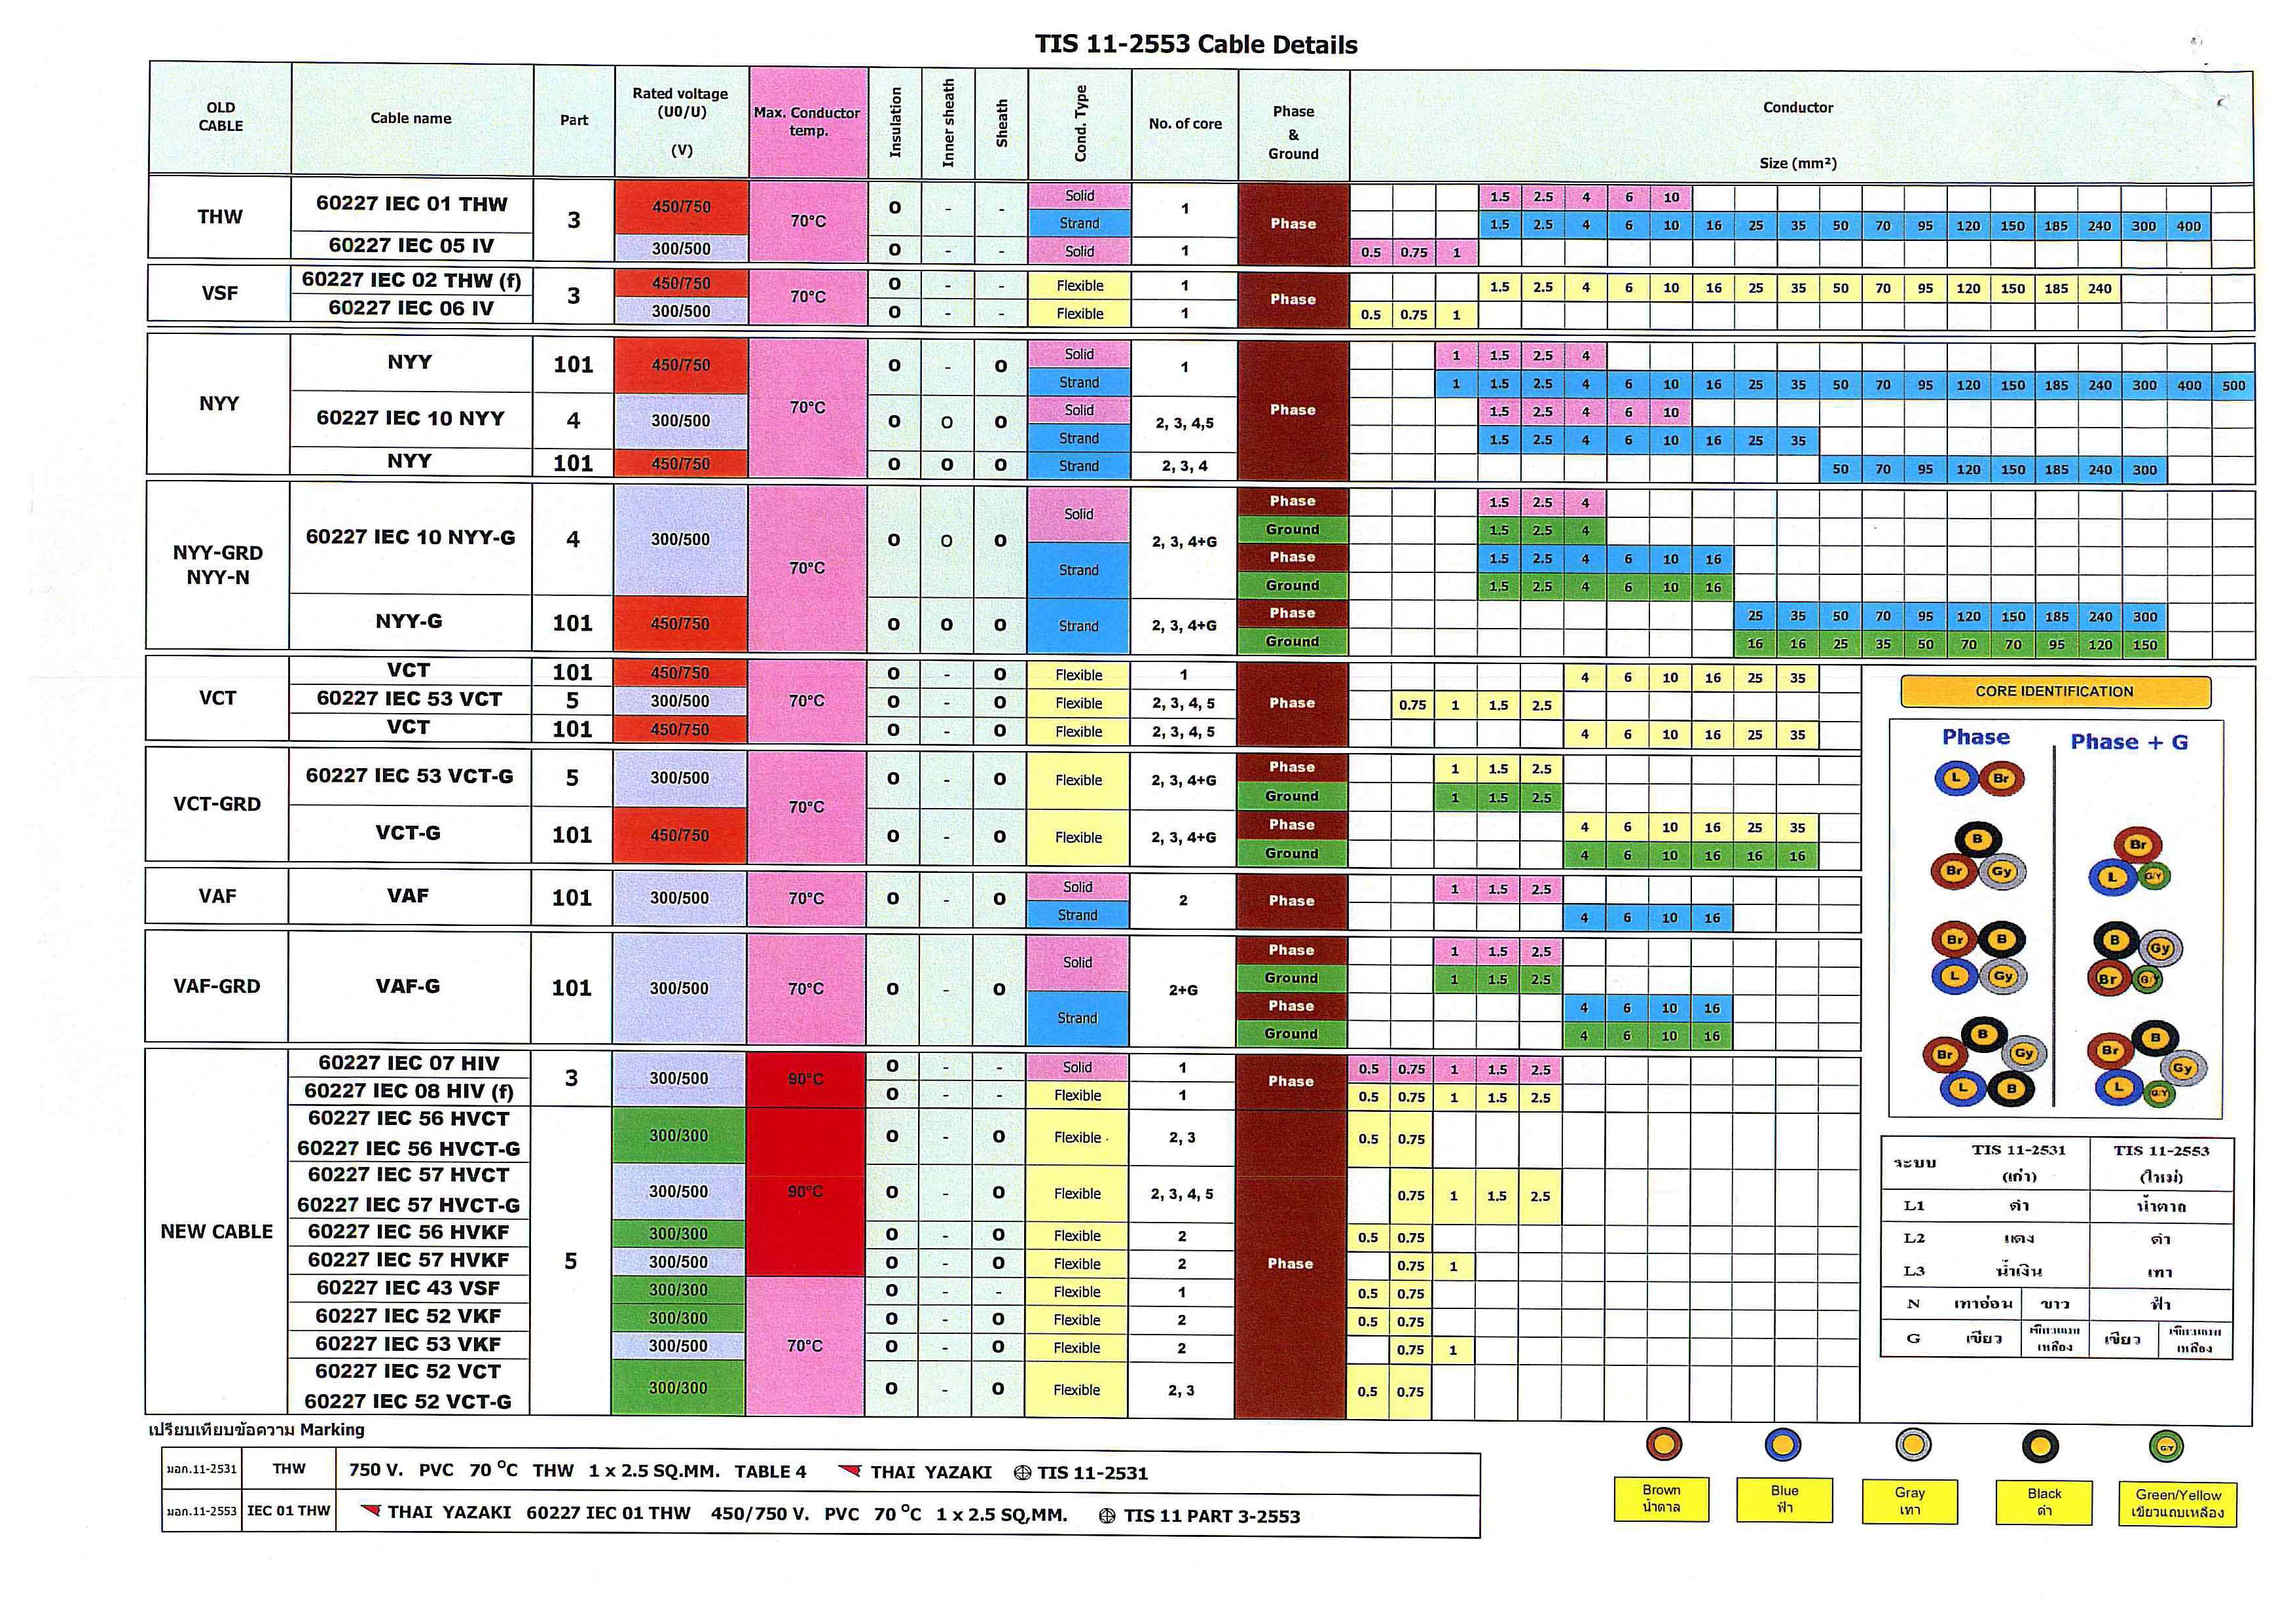 สายไฟ,สายเคเบิ้ล,สายยาซากิ,Thaiyazaki,THW,NYY,NYY-G,VCT,VCT-G,CV,CVV-S,VAF,VTF,VFF,สายไฟราคาถูก